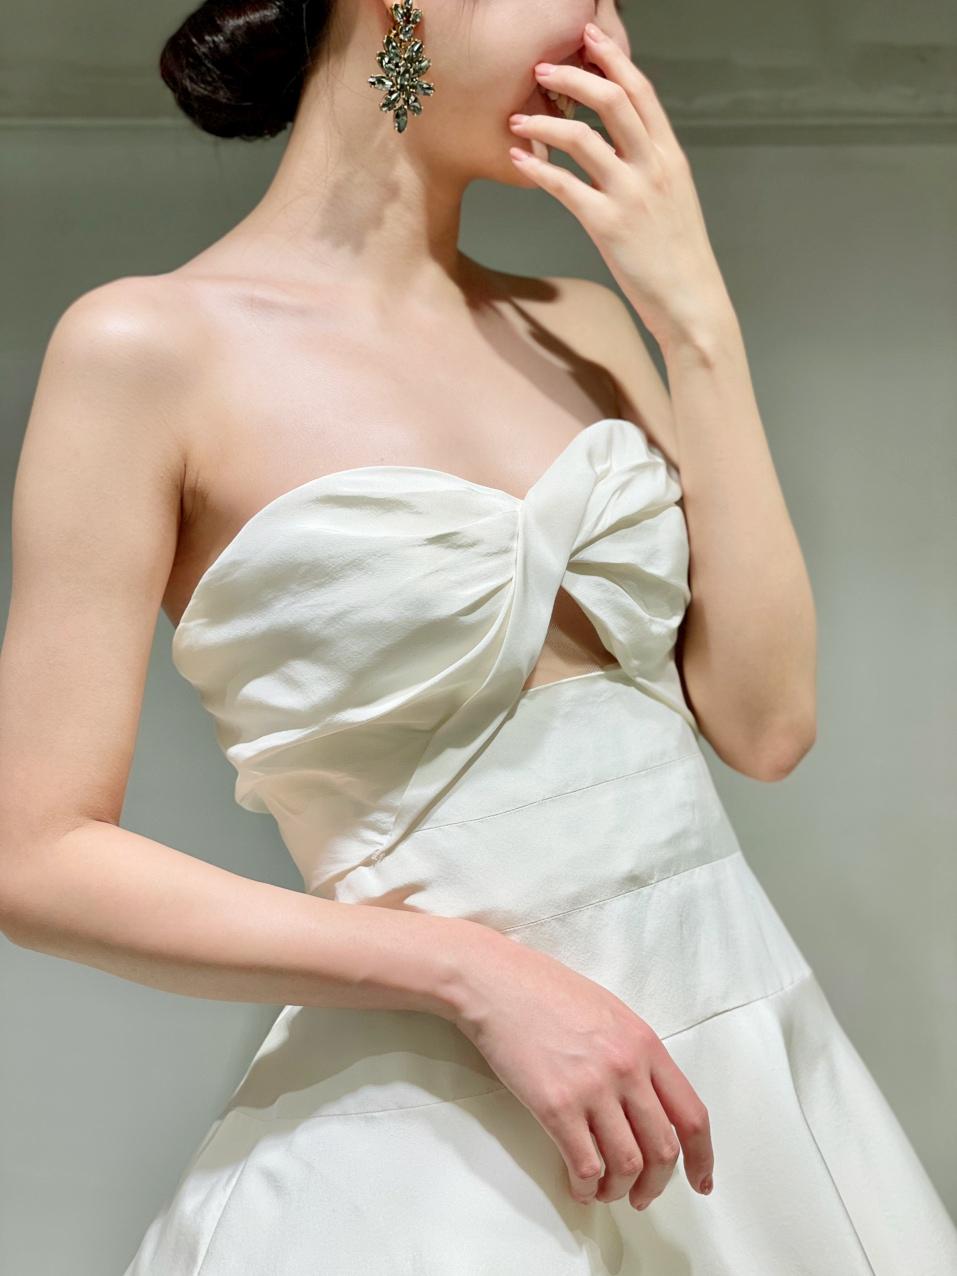 ザ・ガーデン・オリエンタル大阪の自然豊かでナチュラルな雰囲気におすすめのザ・トリートドレッシングのオスカー・デ・ラ・レンタのAラインのウエディングドレス